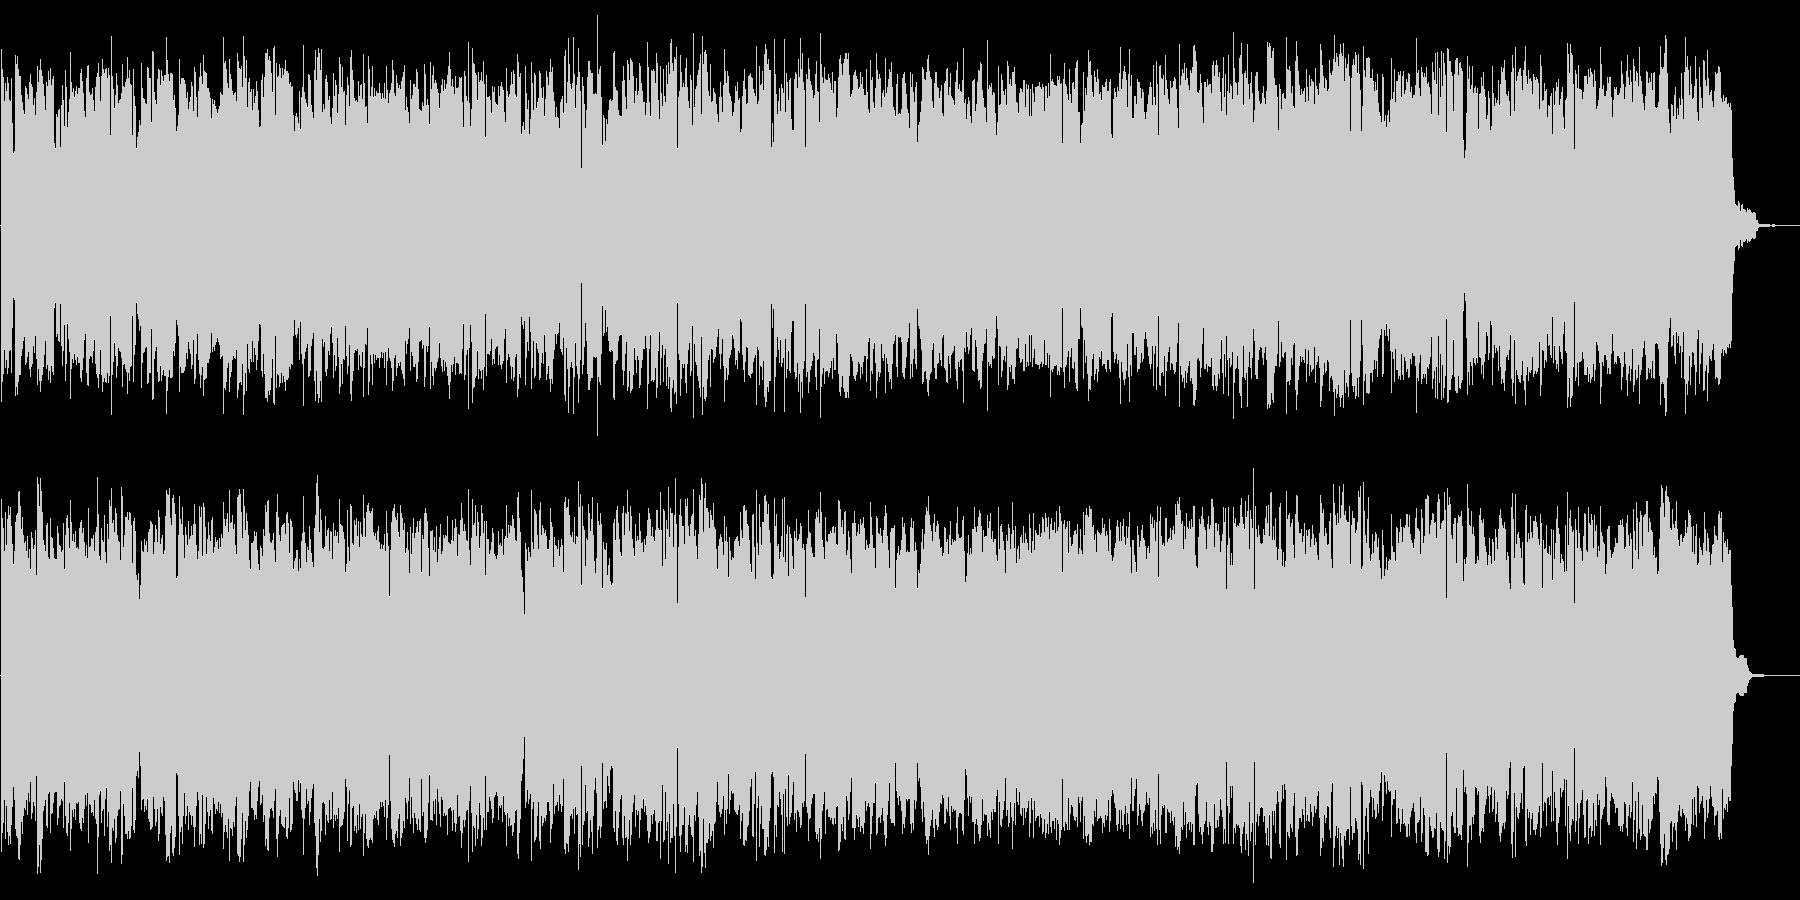 コンピューターのピコピコB 近未来な音の未再生の波形